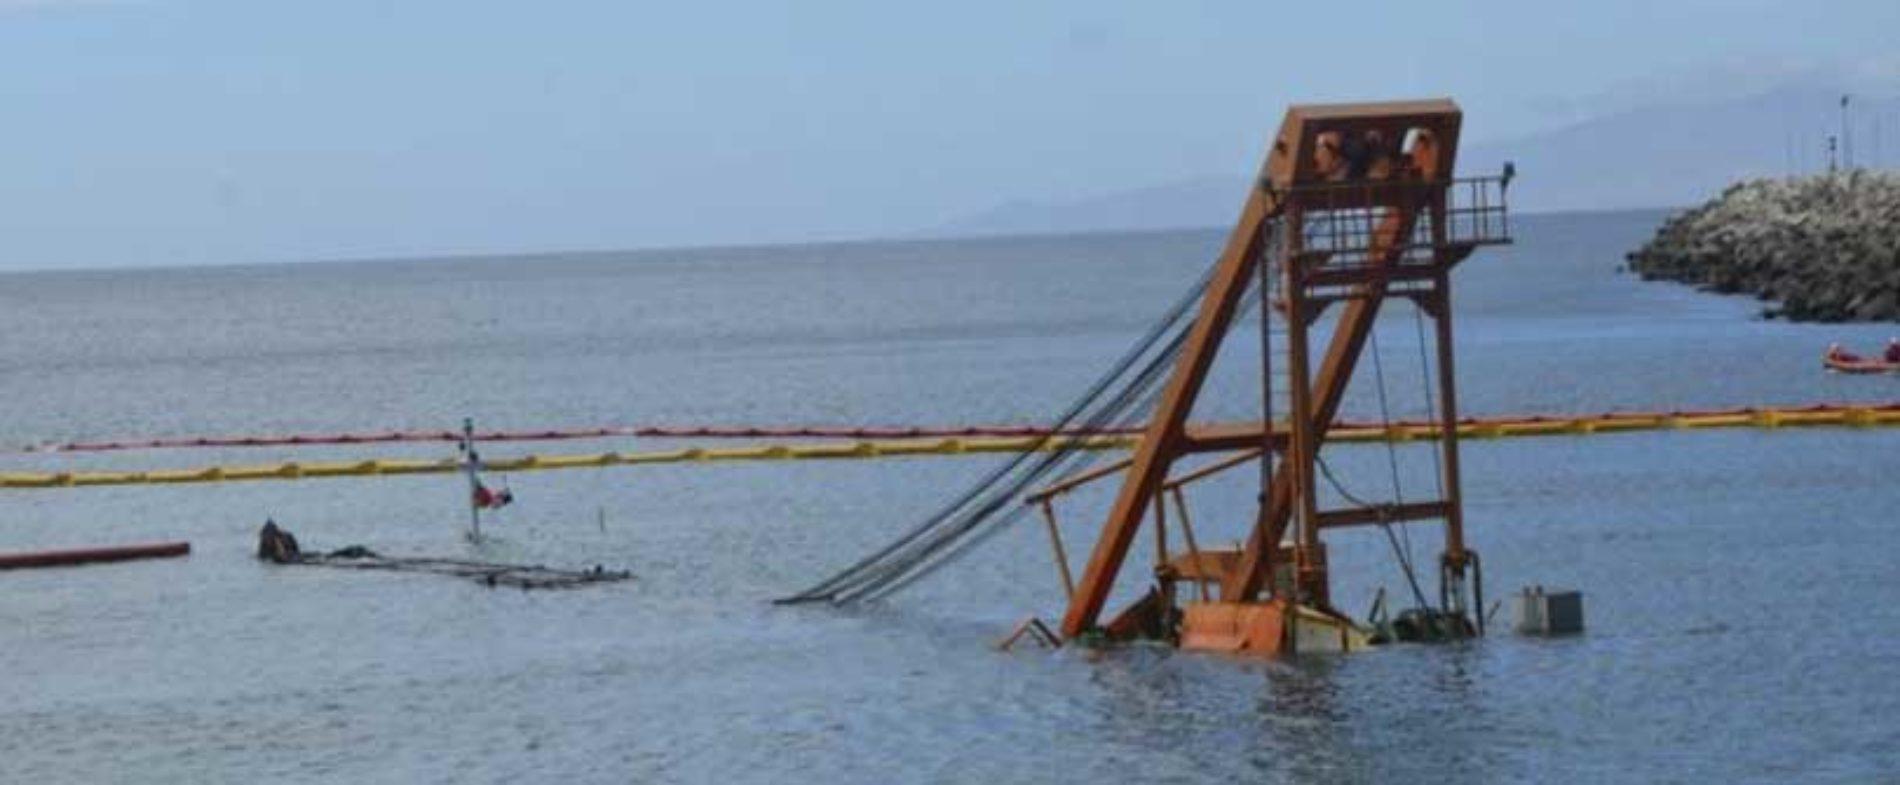 Oljesøl i Fuerteventura renses opp med mikroorganismer